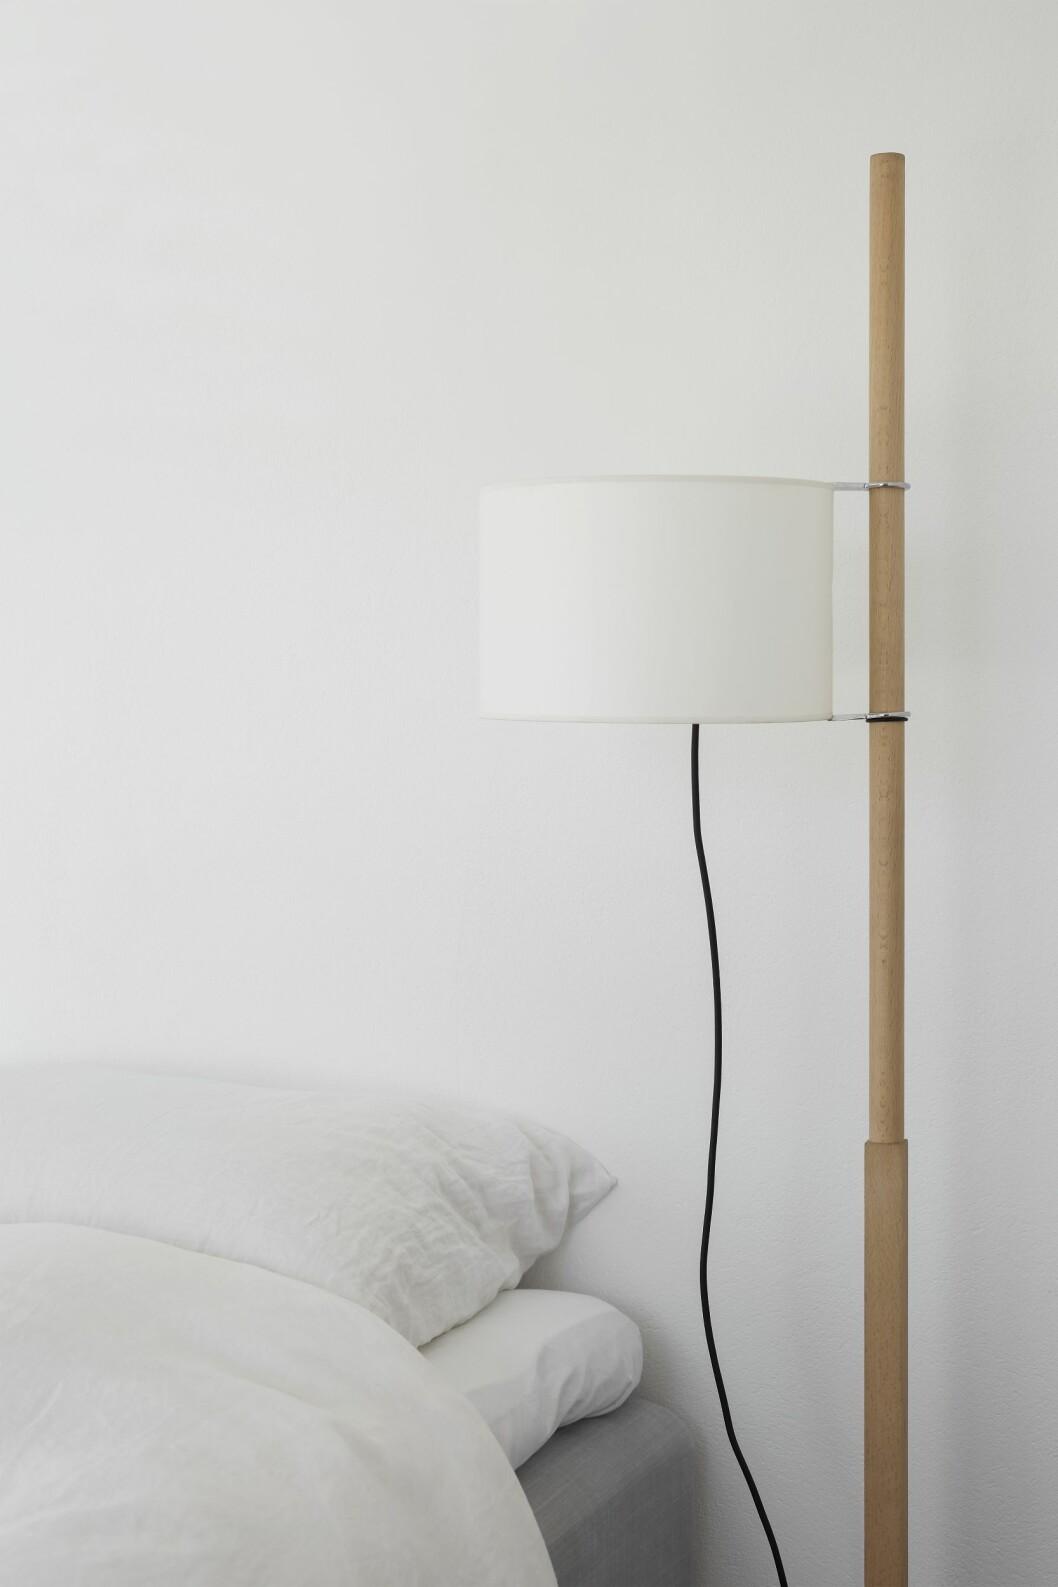 Höj- och sänkbar golvlampan TMM från Santa & Cole, ritad av den spanske industridesignern Miguel Milá.